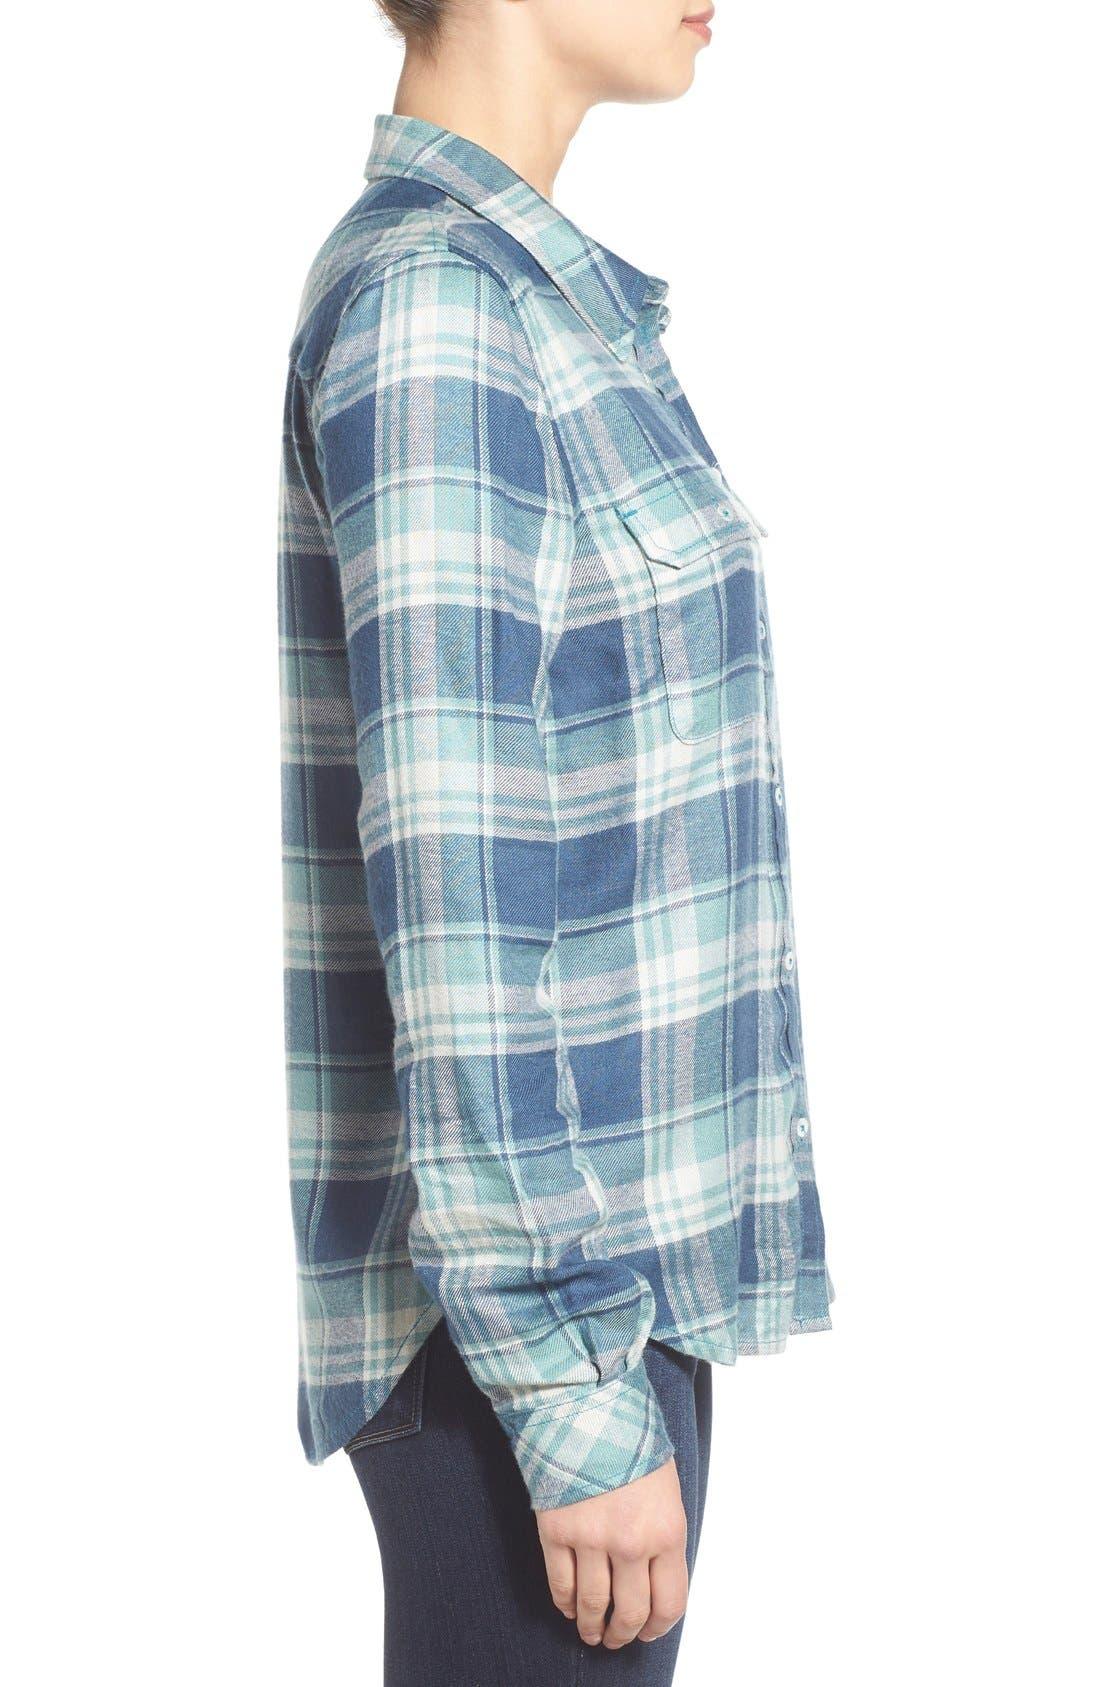 PAIGE,                             Denim 'Trudy' Plaid Shirt,                             Alternate thumbnail 3, color,                             423